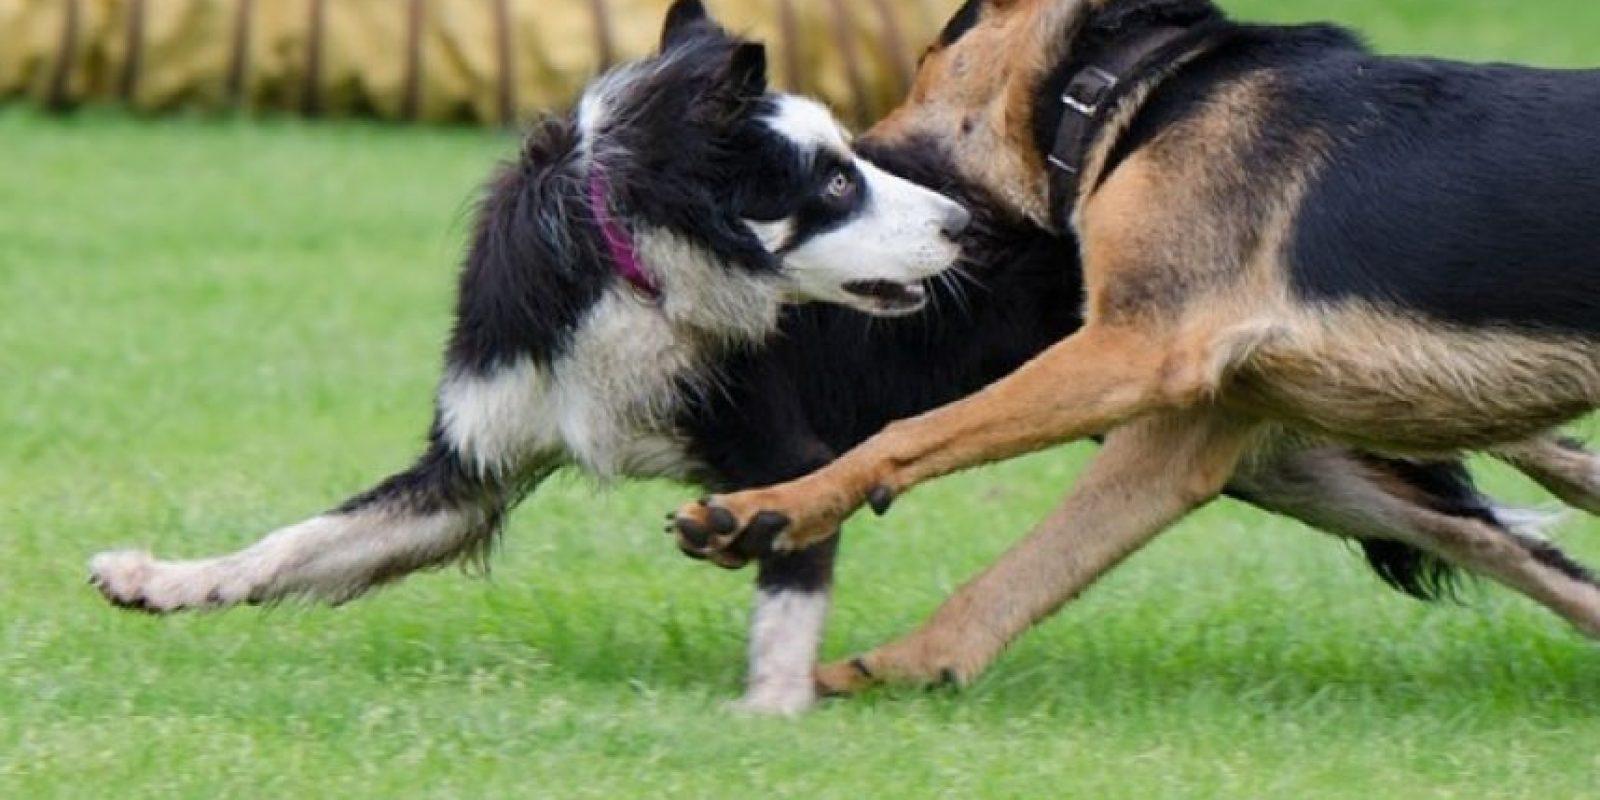 Las peleas de perros suelen ser vistas como un deporte ilegal. Foto:Pixabay